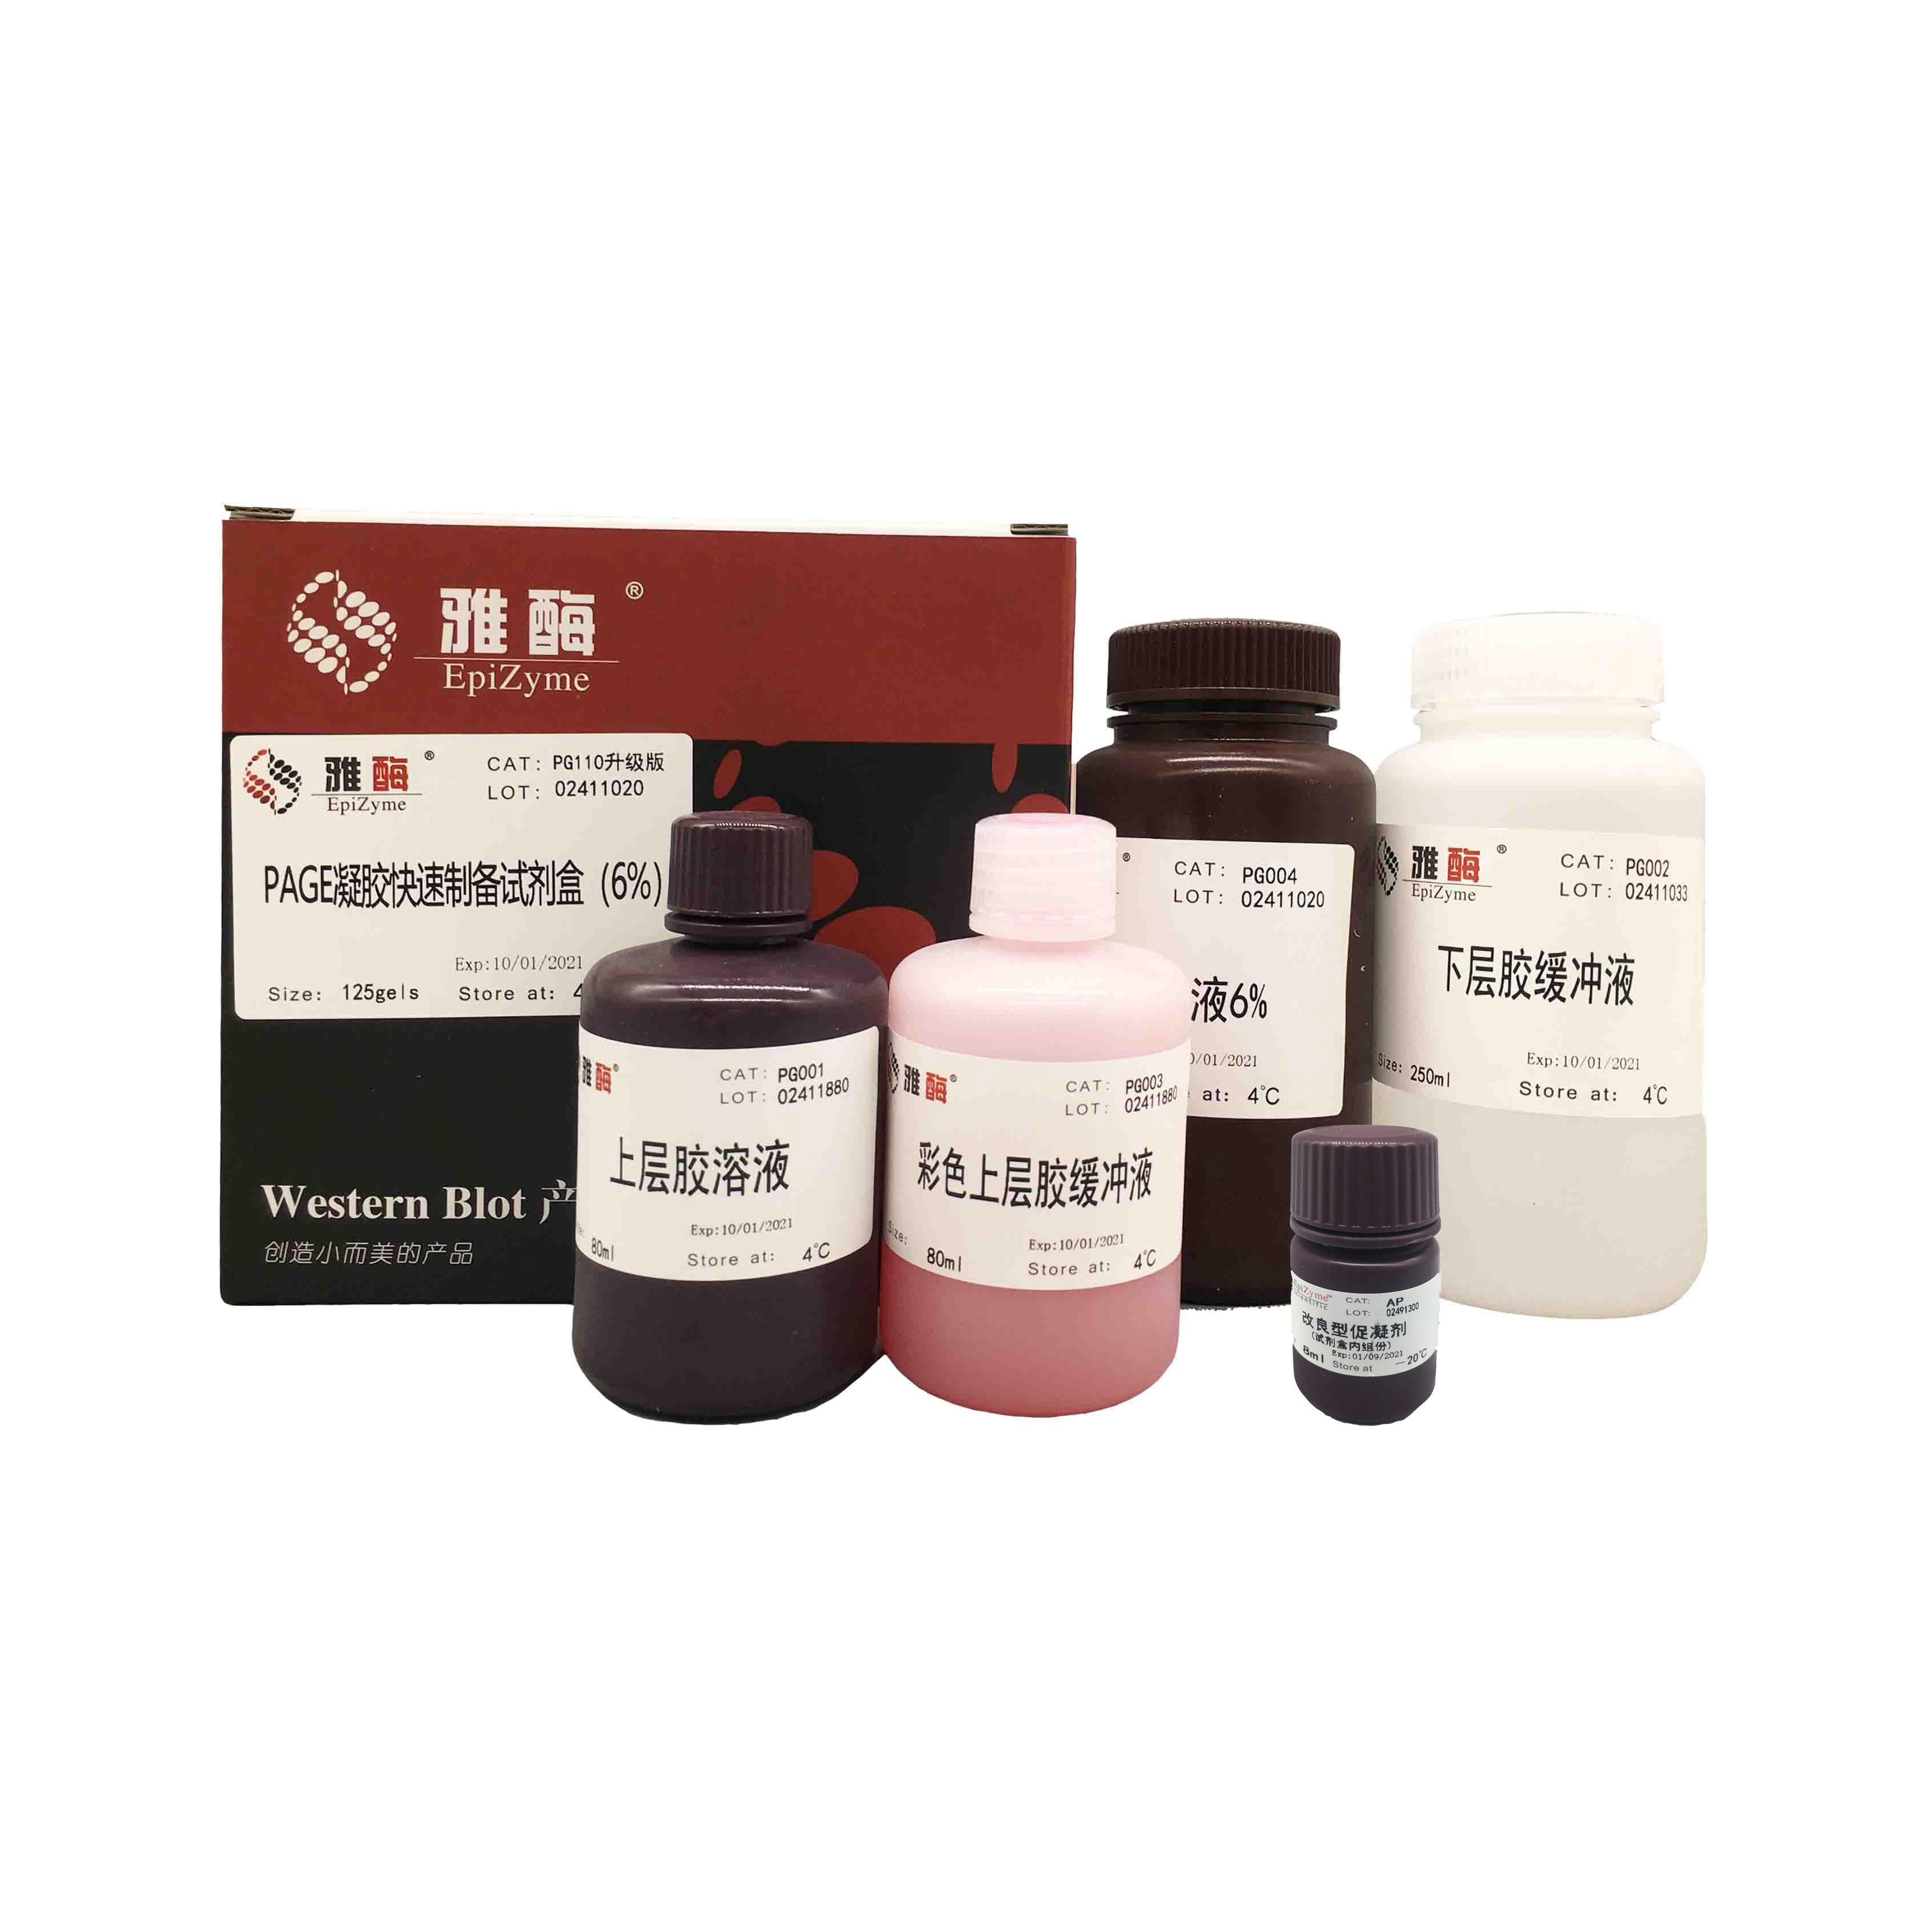 PG110 PAGE凝胶快速制备试剂盒6%